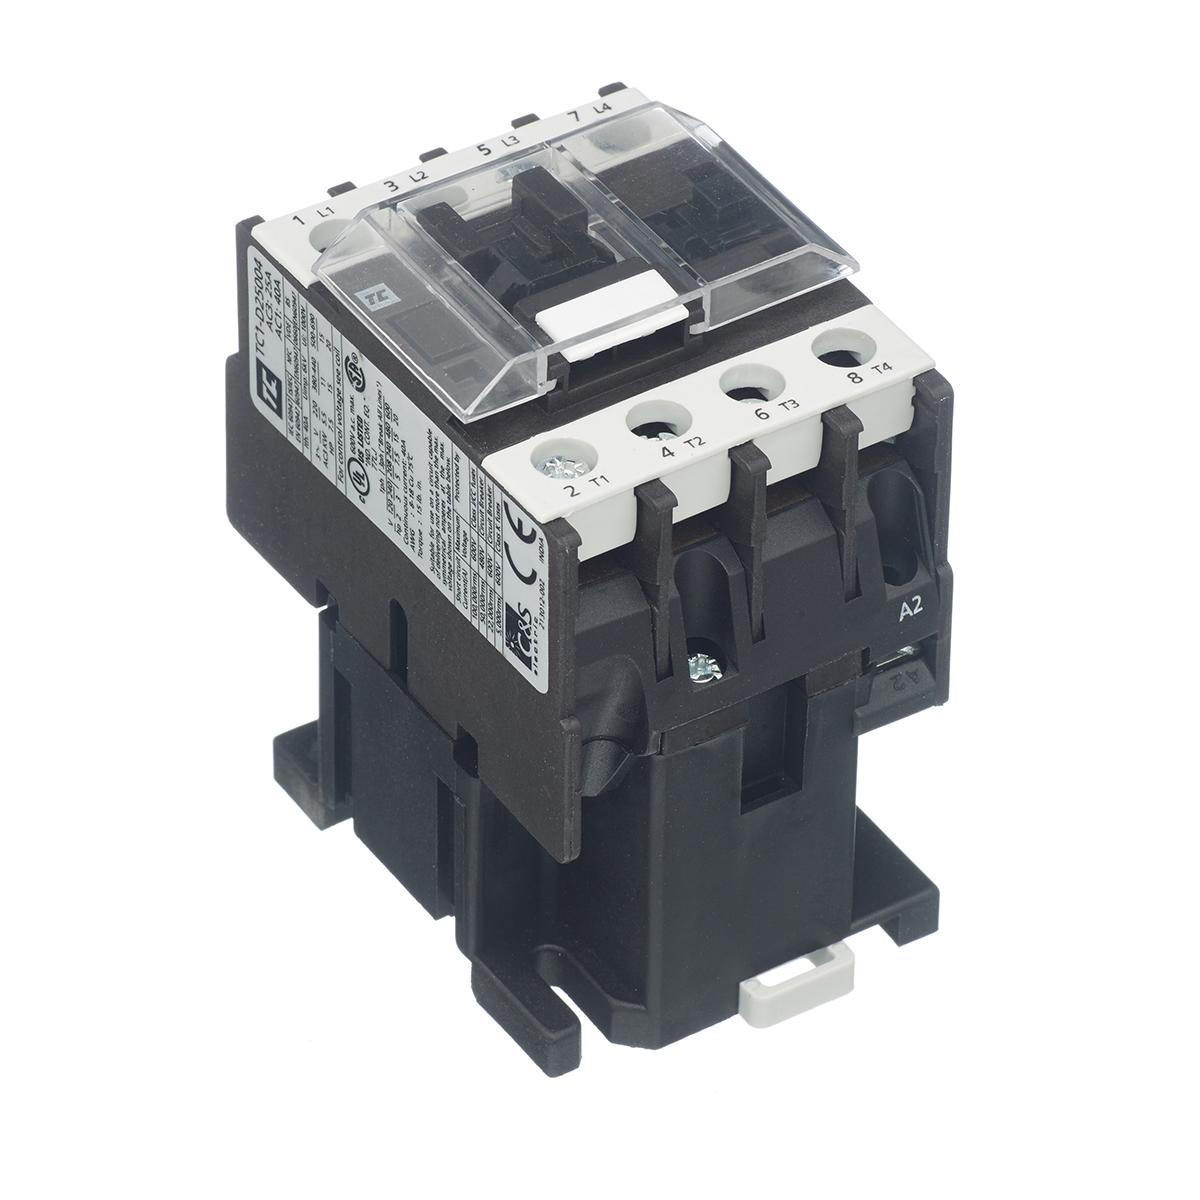 Europa TC1-D80008N7 Contactor 4P 415V